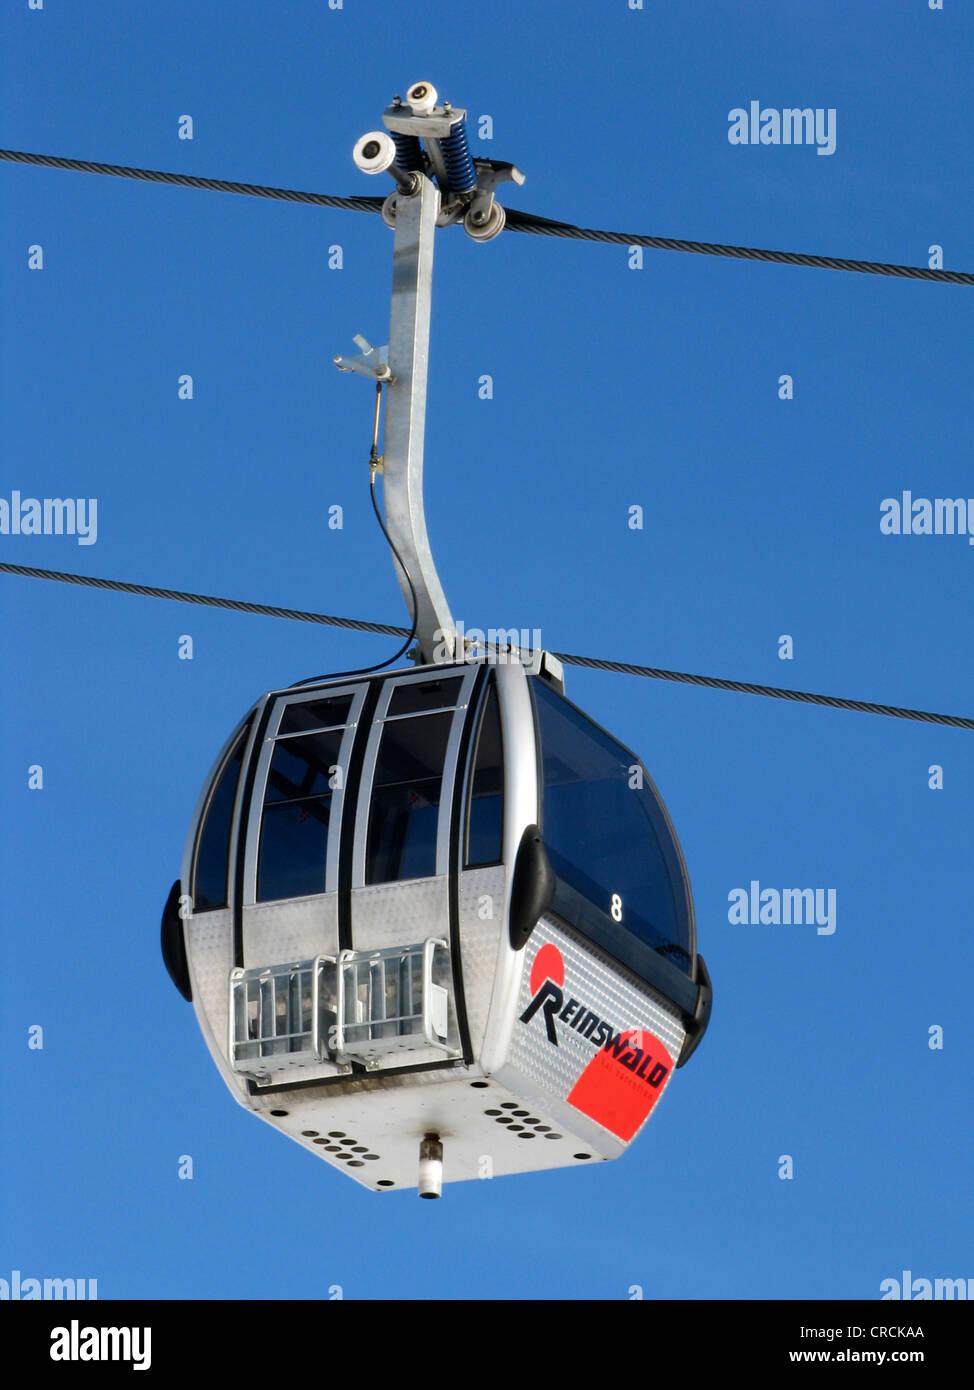 Gondola of gondola ski lift in a skiing area, Italy, Suedtirol, Sarntal, Sarentino, Reinswald - Stock Image